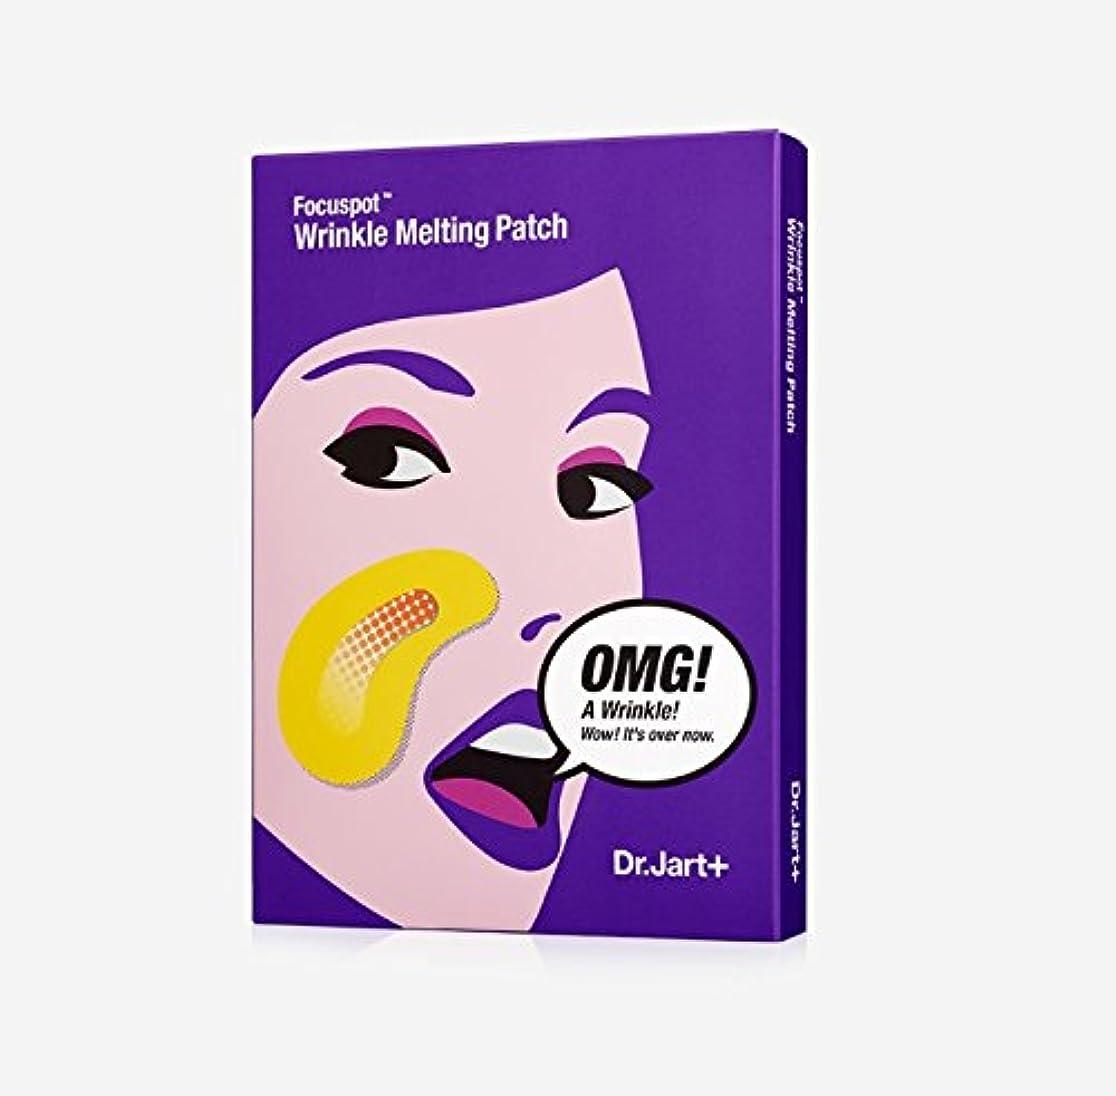 制限反対老朽化した[Dr.Jart+] ドクタージャルトゥ ポーカースポット リンクル メルティング パッチ 5回分/Focuspot Wrinkle Melting Patch [並行輸入品]